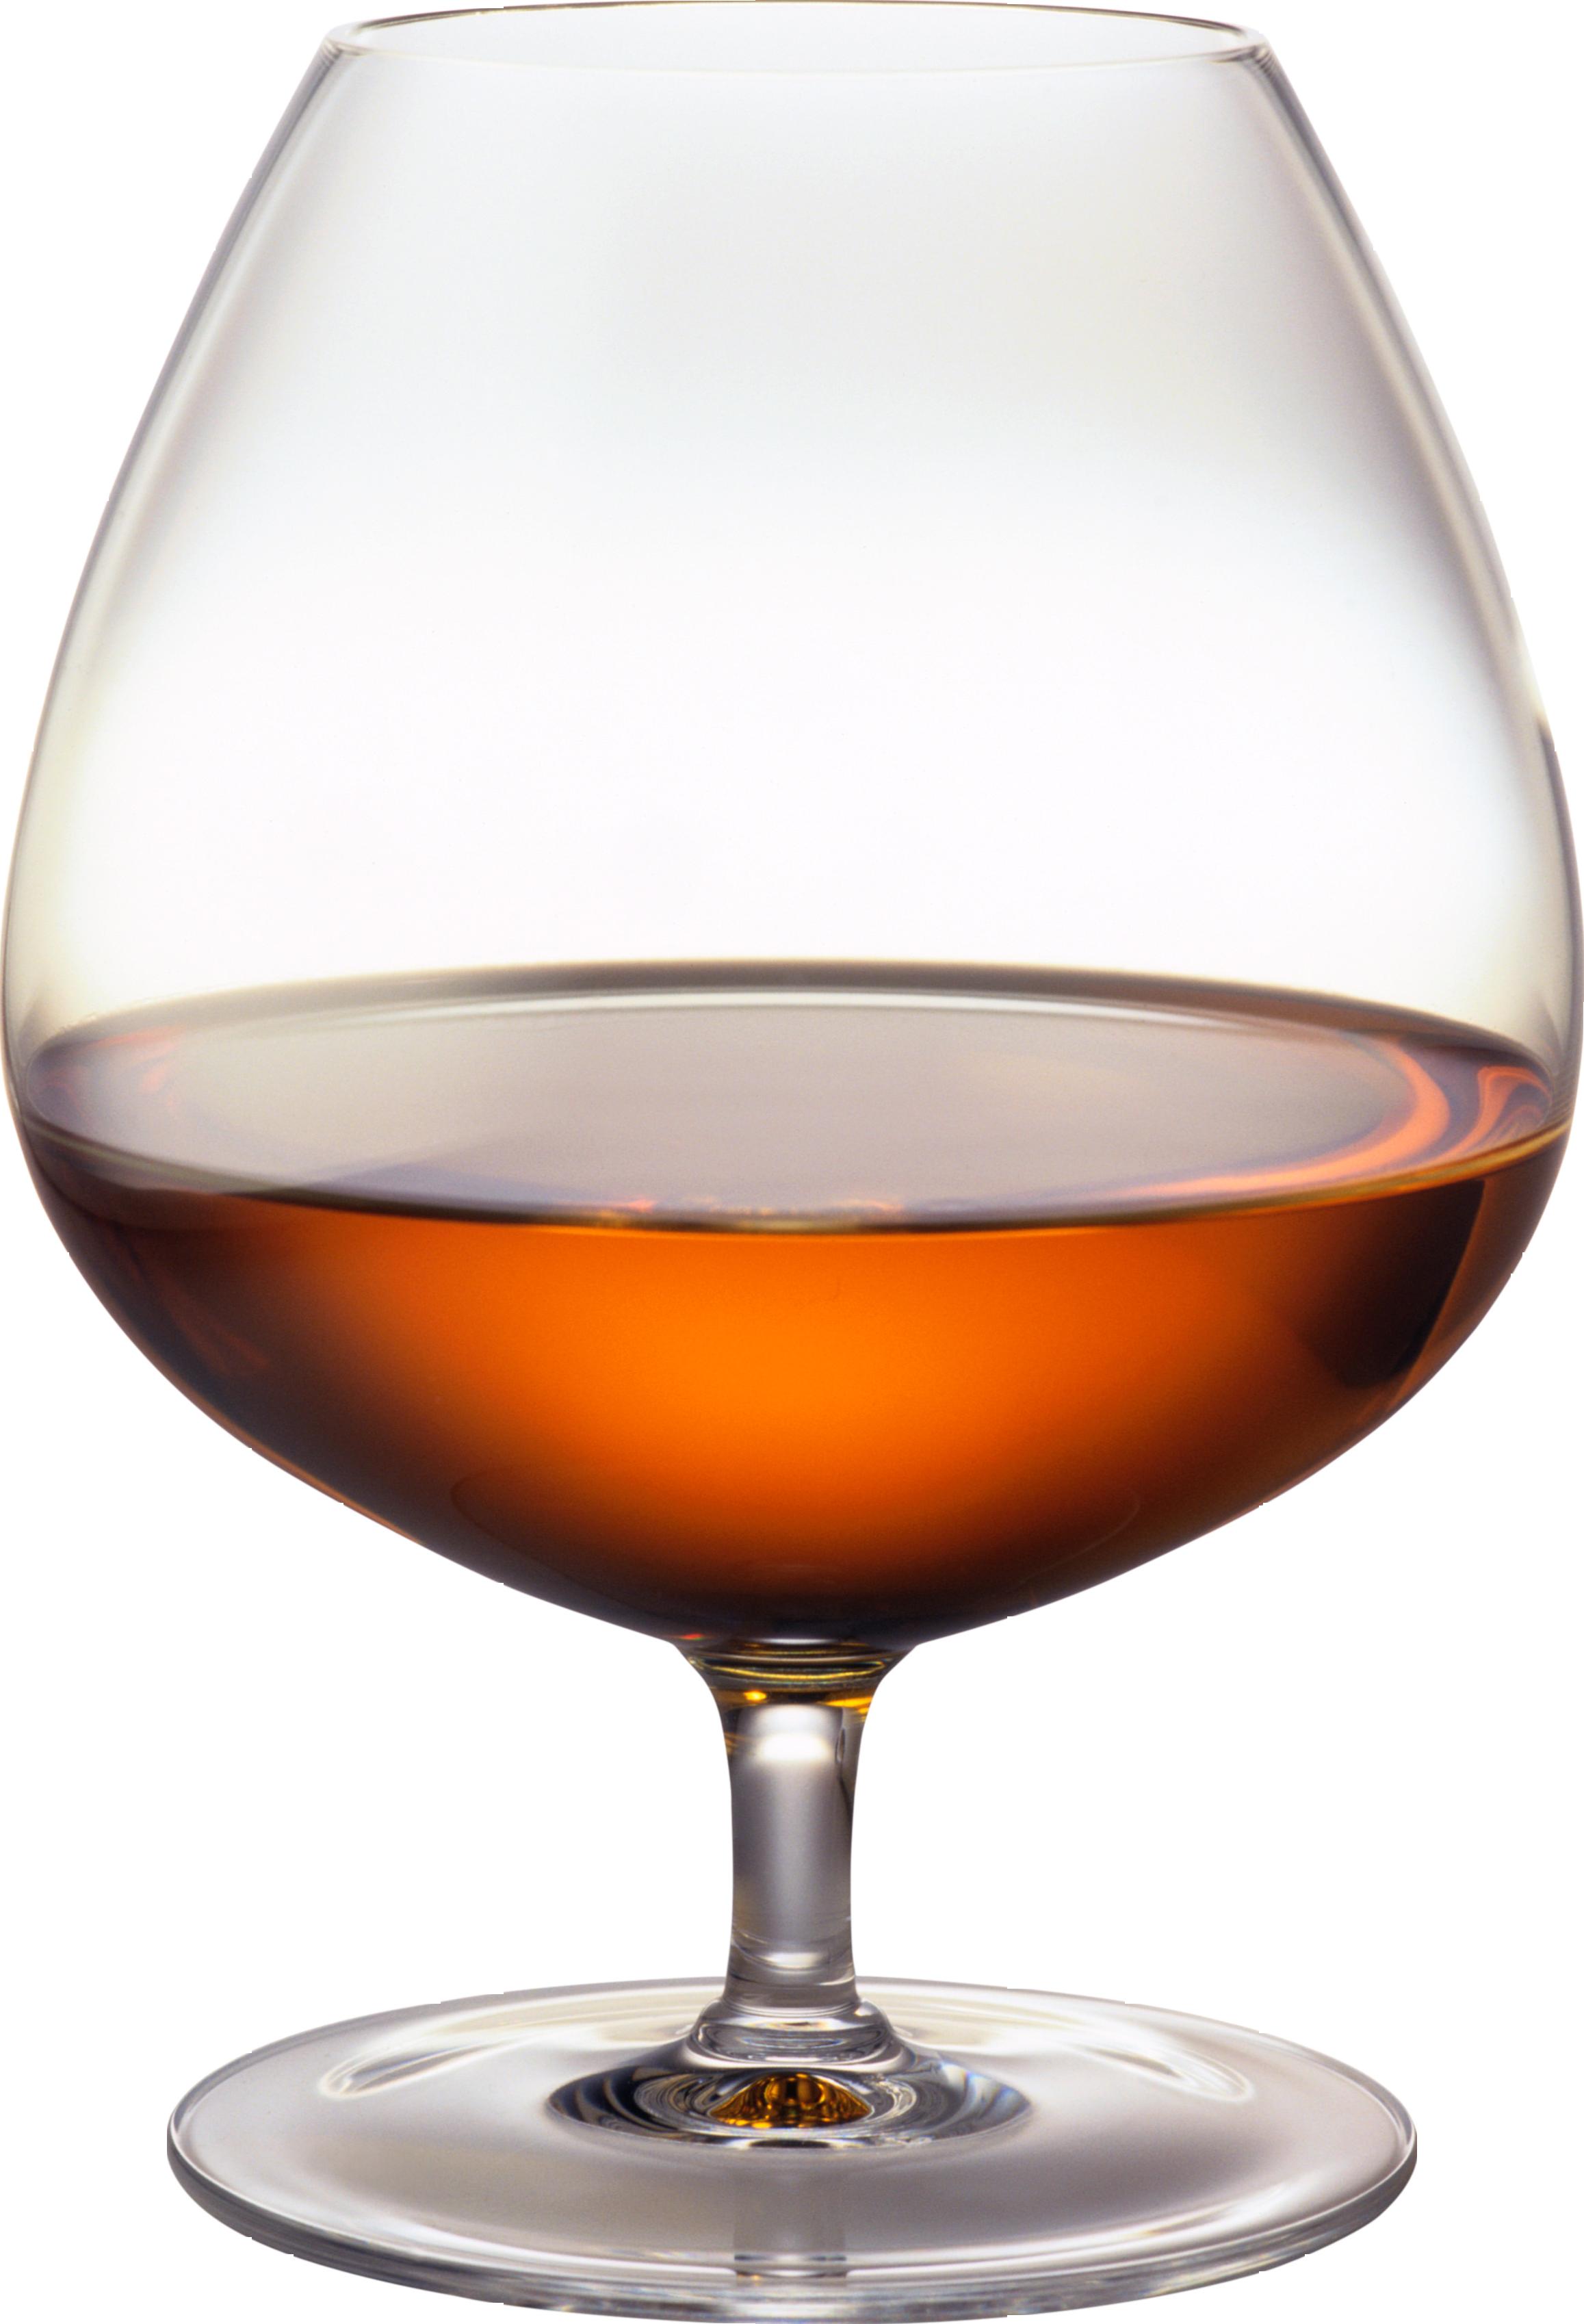 free png Cognac Clipart images transparent